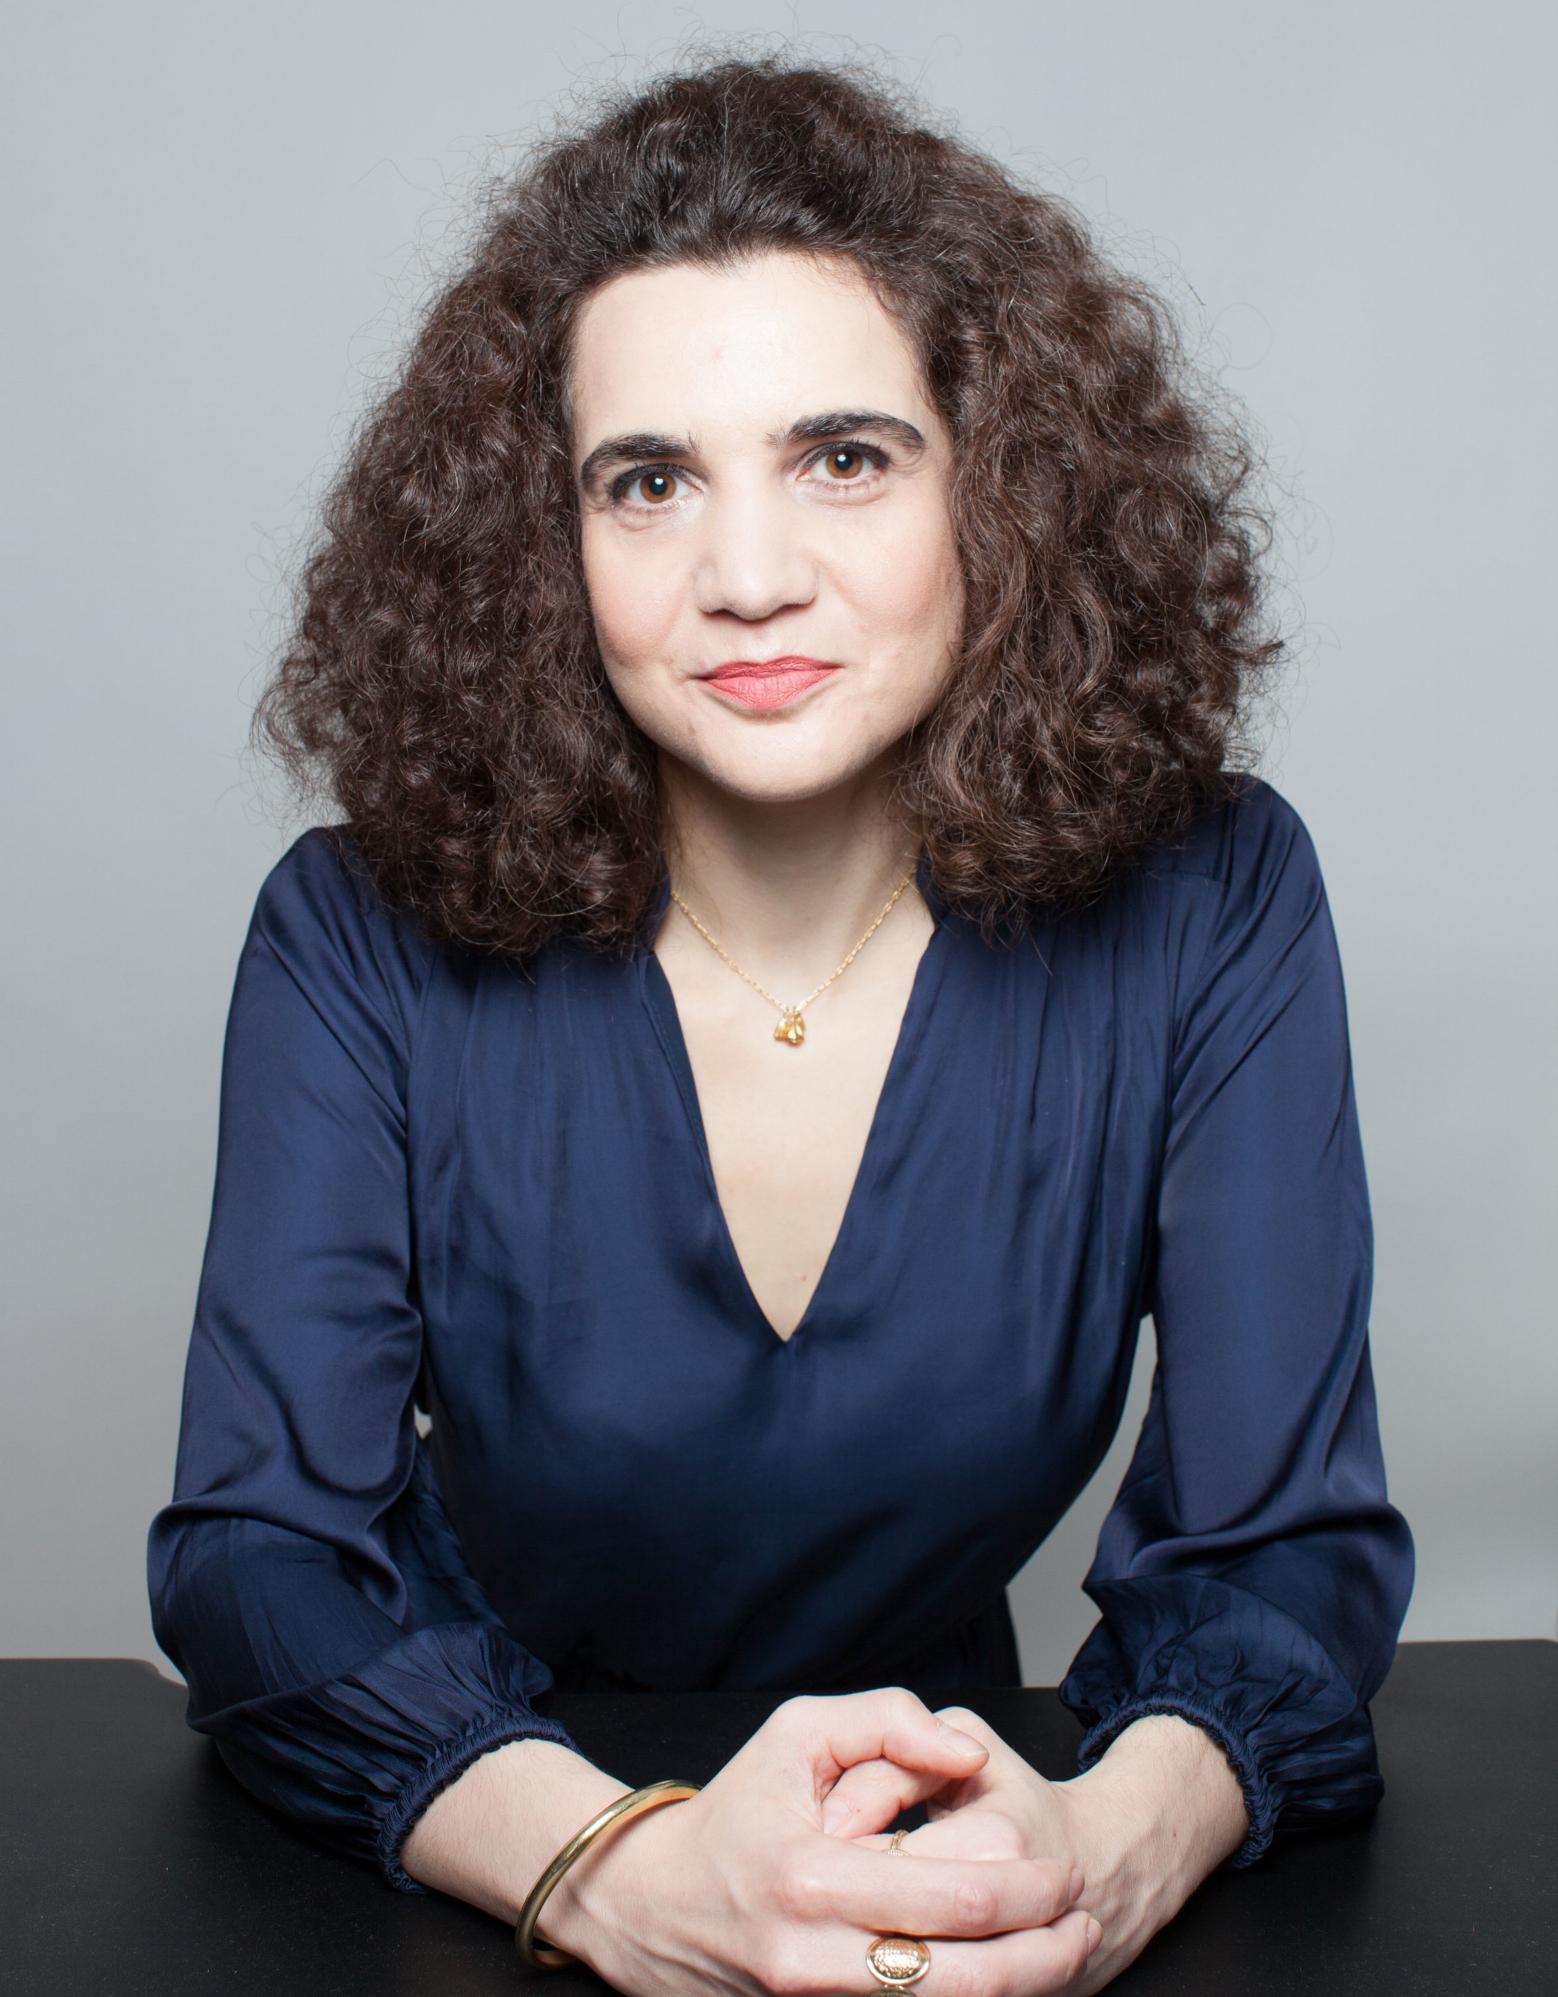 Alisa Lindenbaum, MPS, LCAT, ATR-BC